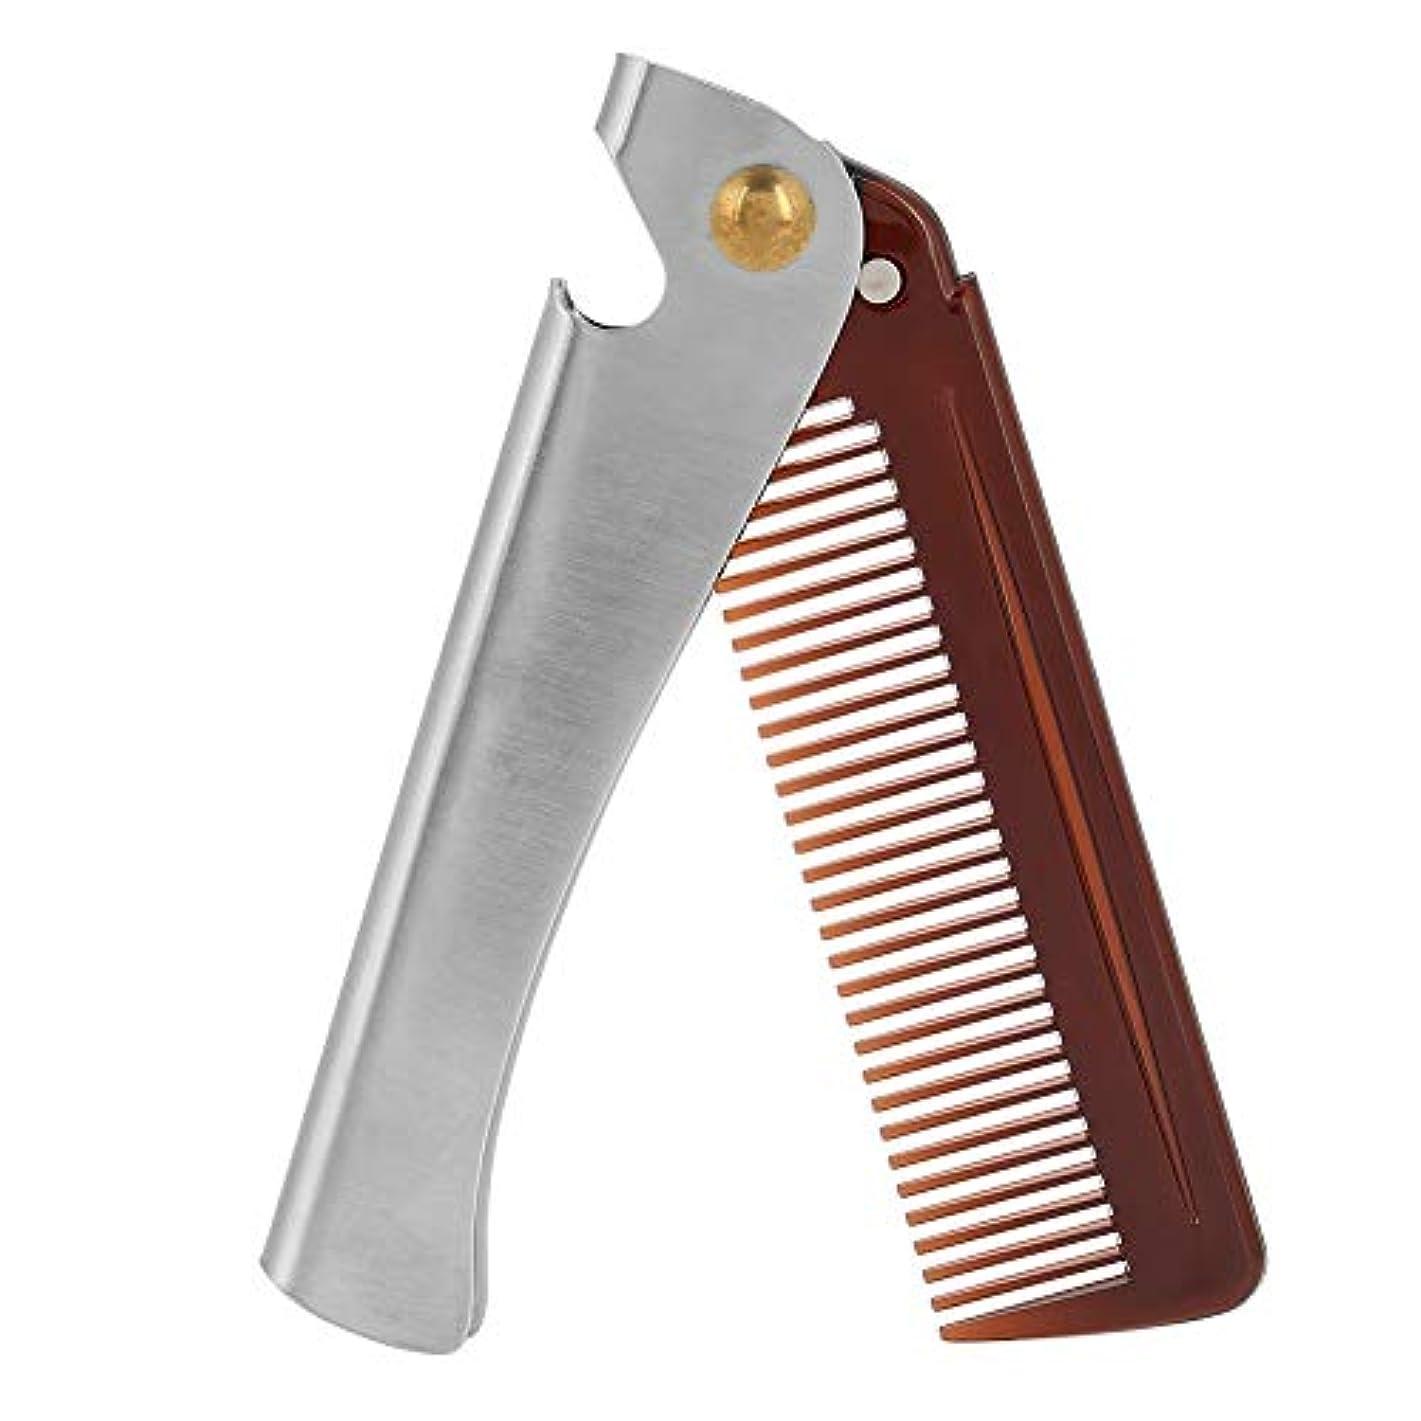 合金タールエラーステンレス製のひげの櫛の携帯用ステンレス製のひげの櫛の携帯用折りたたみ口ひげ用具の栓抜き